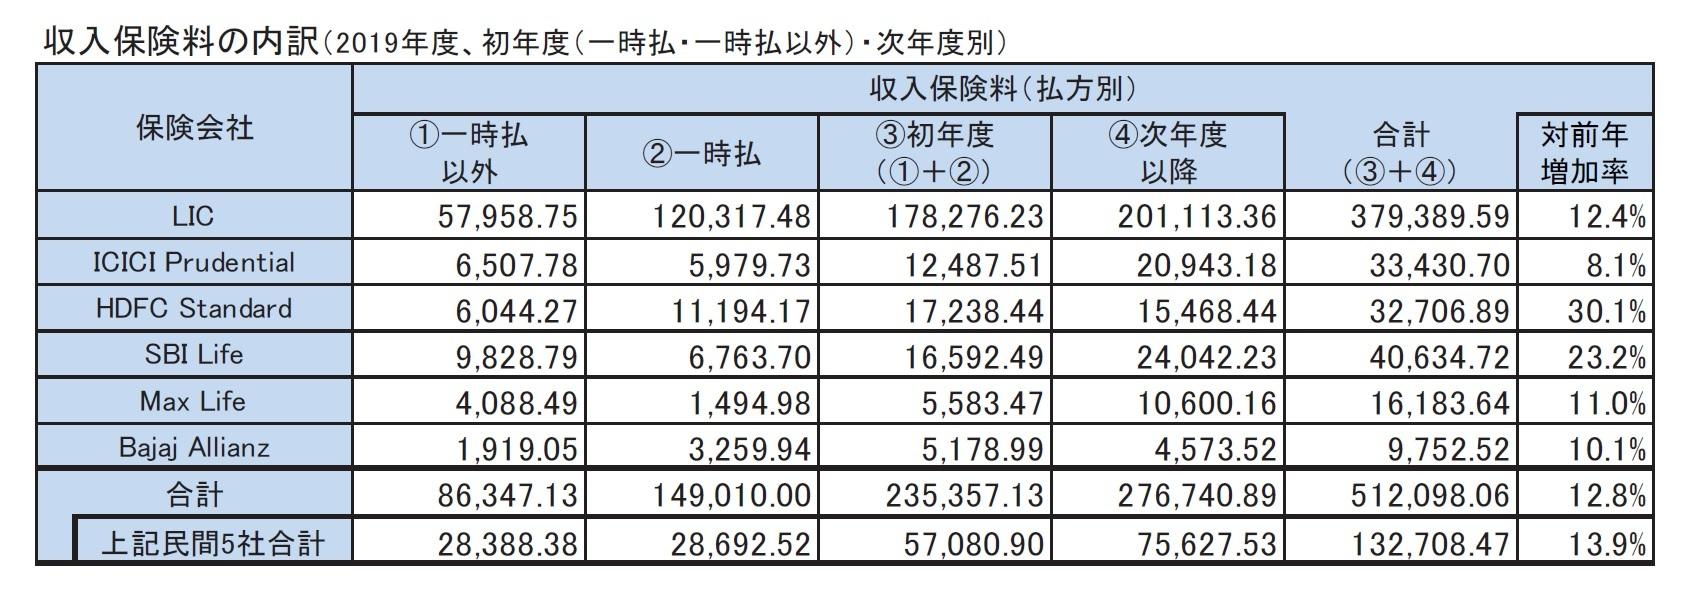 収入保険料の内訳(2019年度、初年度(一時払・一時払以外)・次年度別)